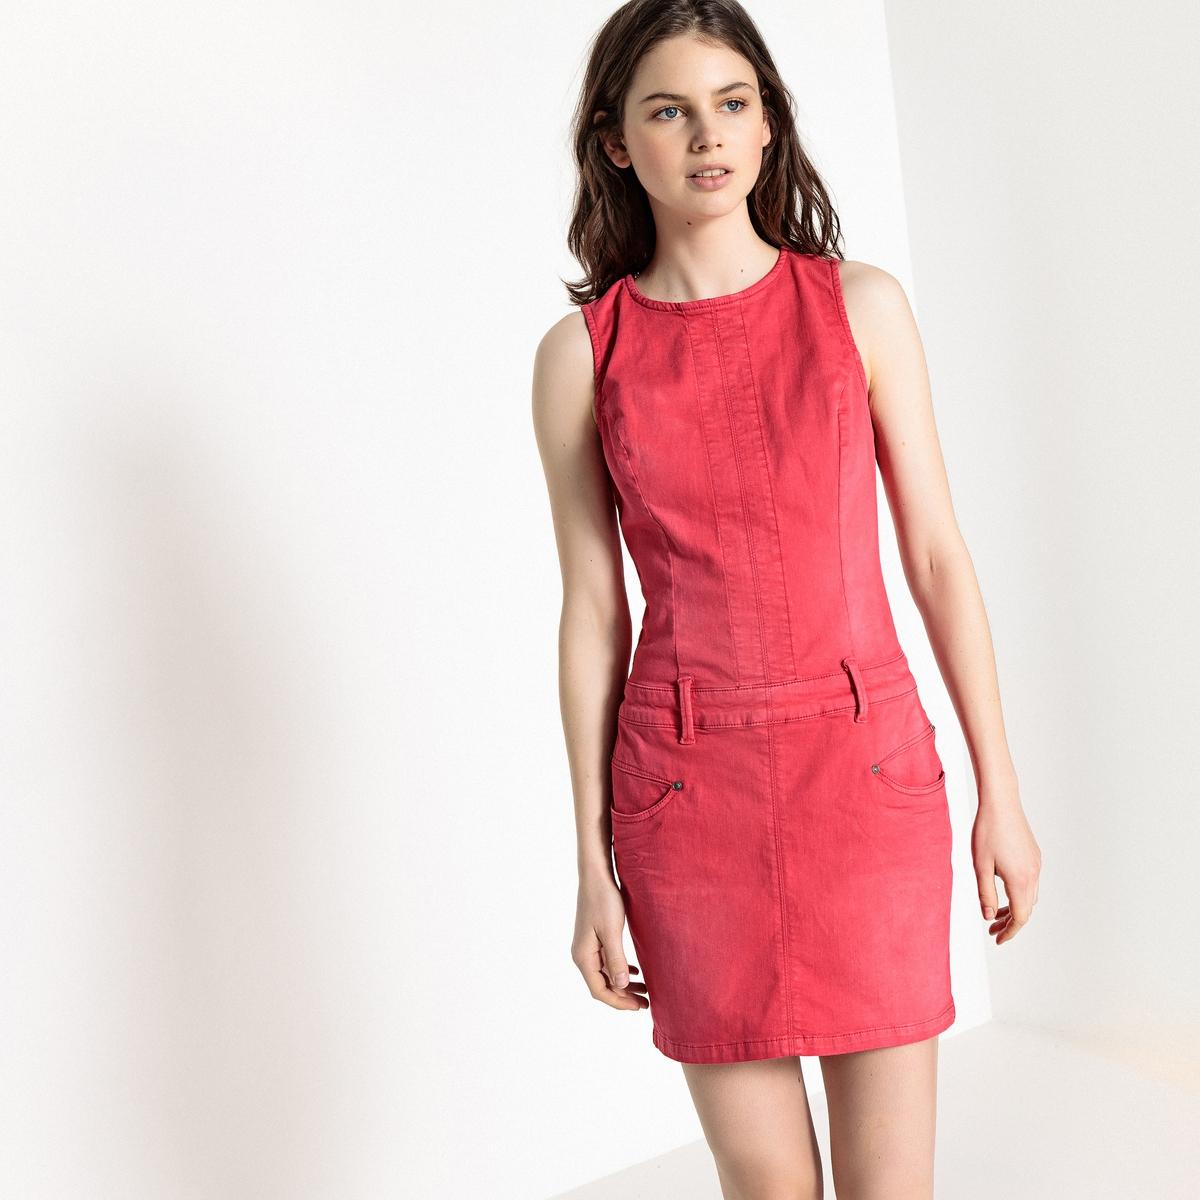 Платье прямое средней длины, однотонное, без рукавовОписание:Детали •  Форма : прямая •  Длина до колен     •  Круглый вырезСостав и уход •  62% хлопка, 3% эластана, 29% лиоцелла, 6% полиэстера •  Следуйте рекомендациям по уходу, указанным на этикетке изделия<br><br>Цвет: малиновый<br>Размер: M.L